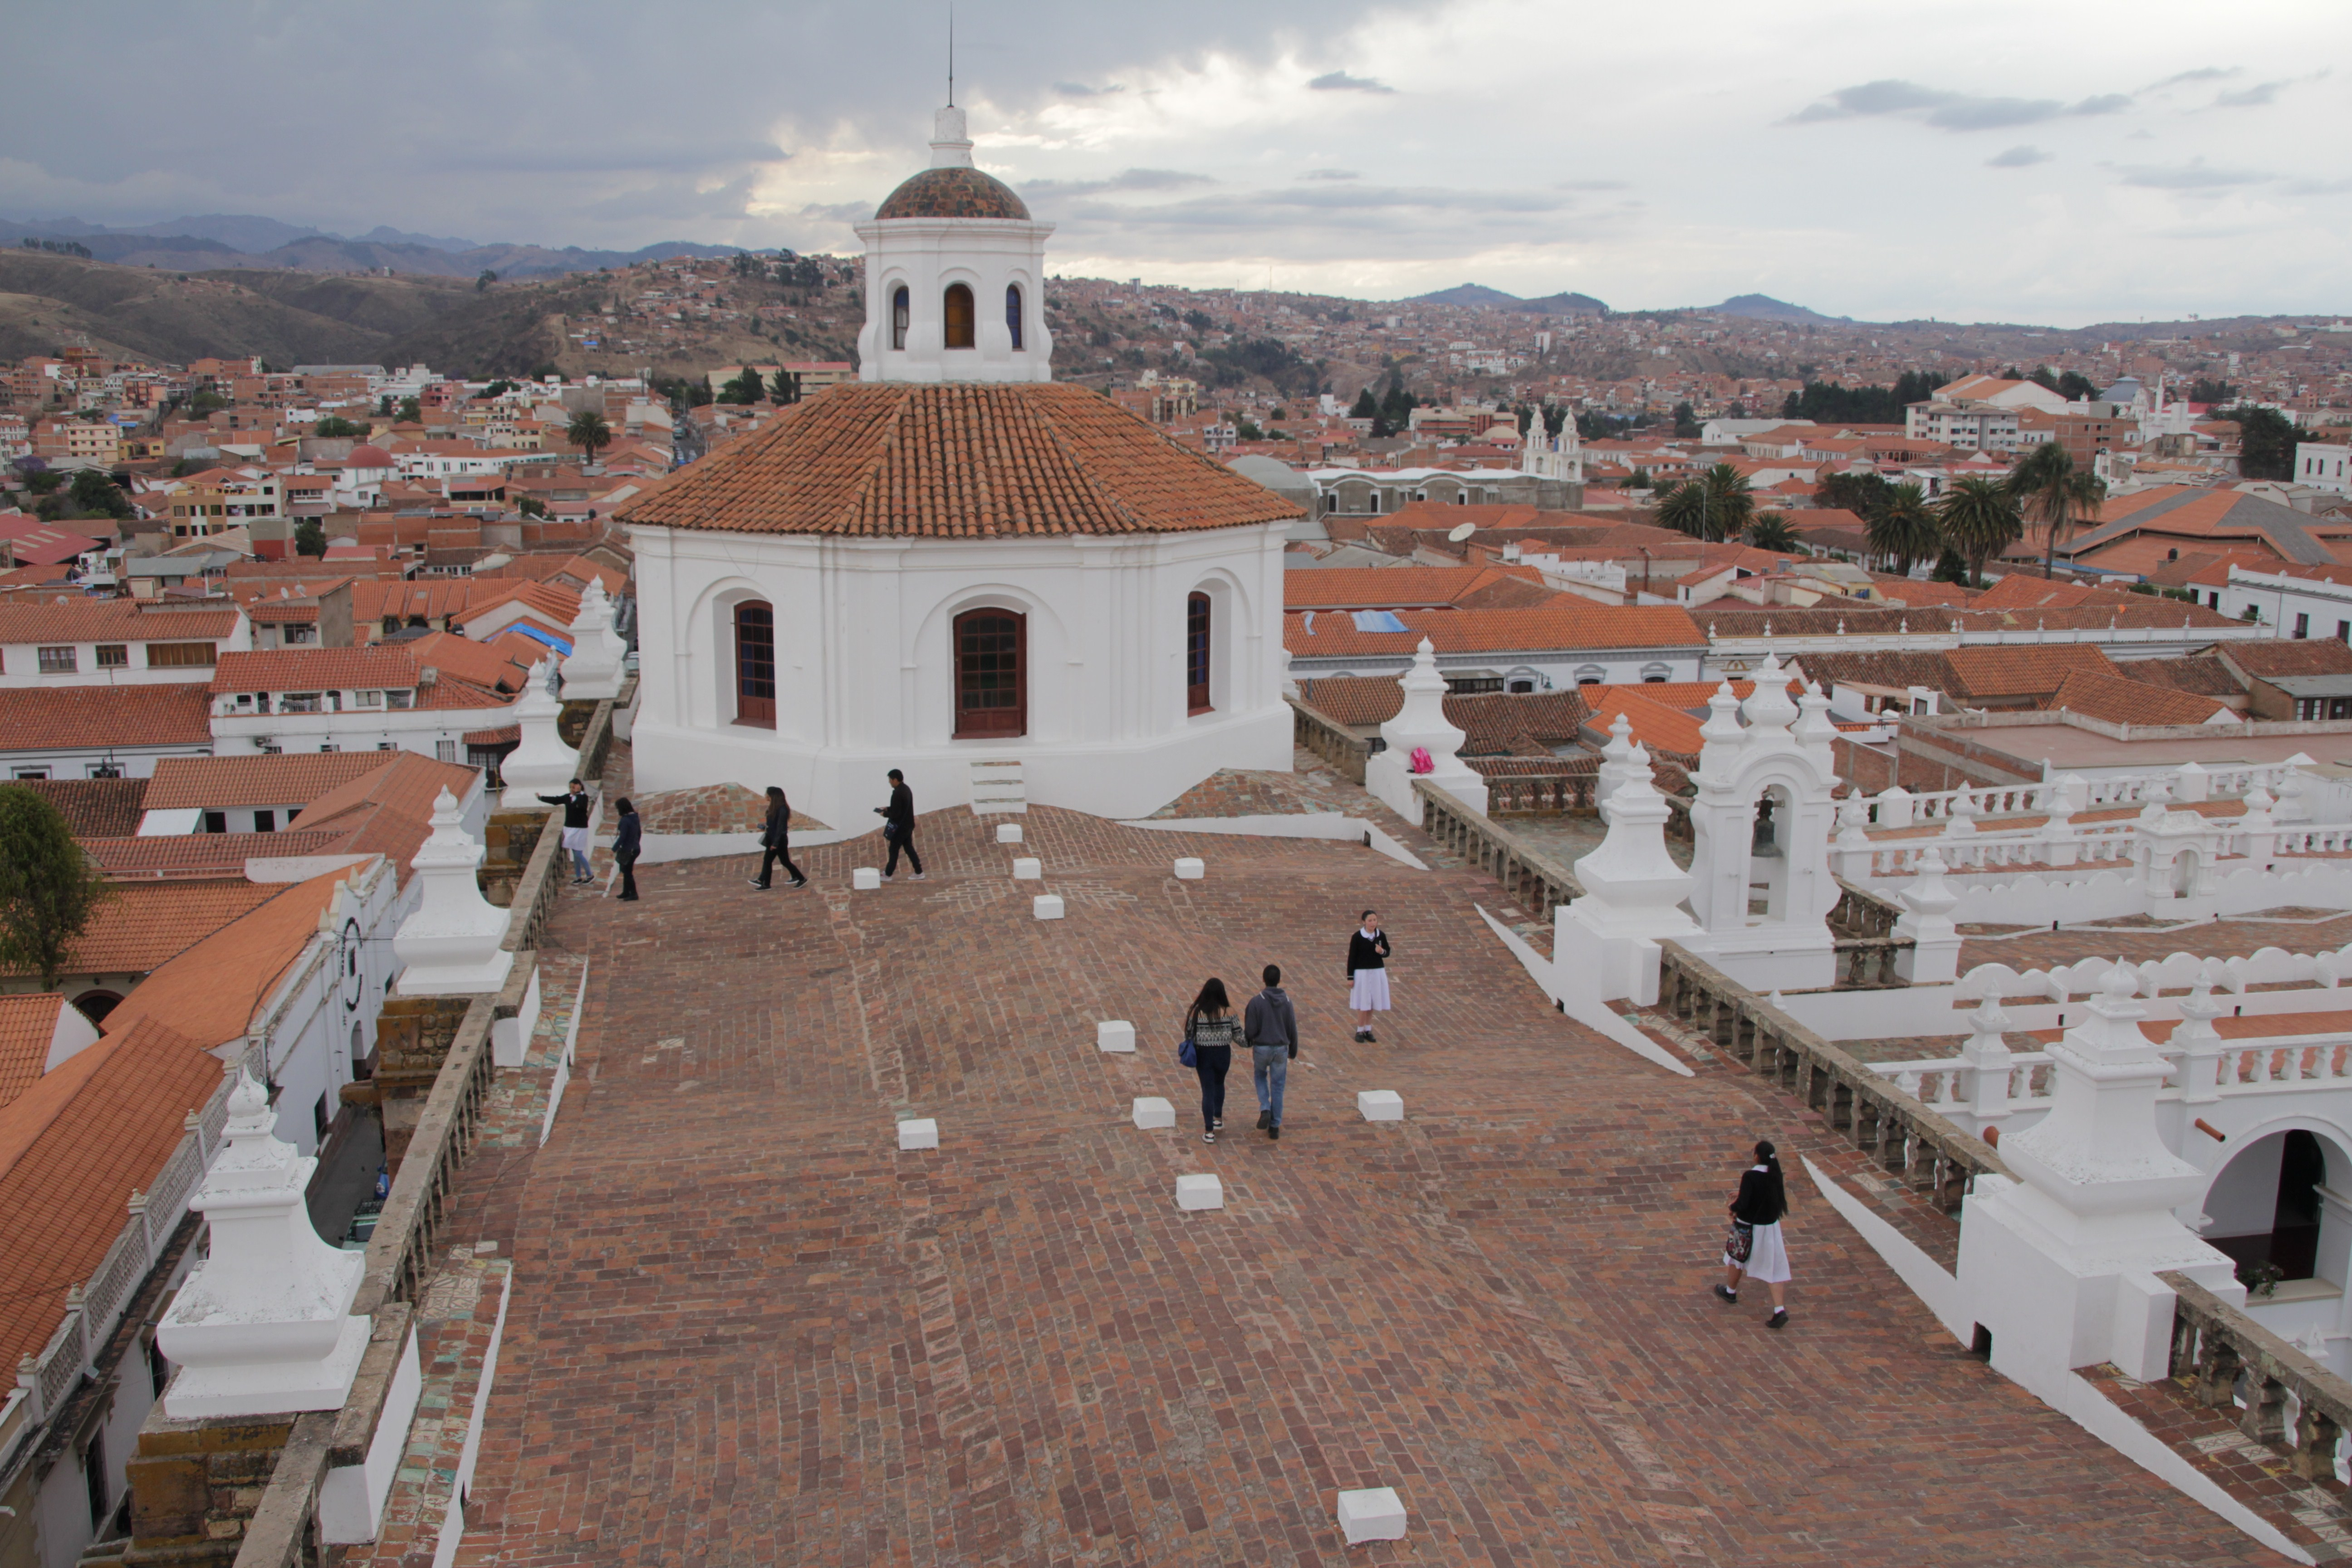 Sur le toit du couvent San Felipe de Néri, Sucre (© Jérôme Decoster).